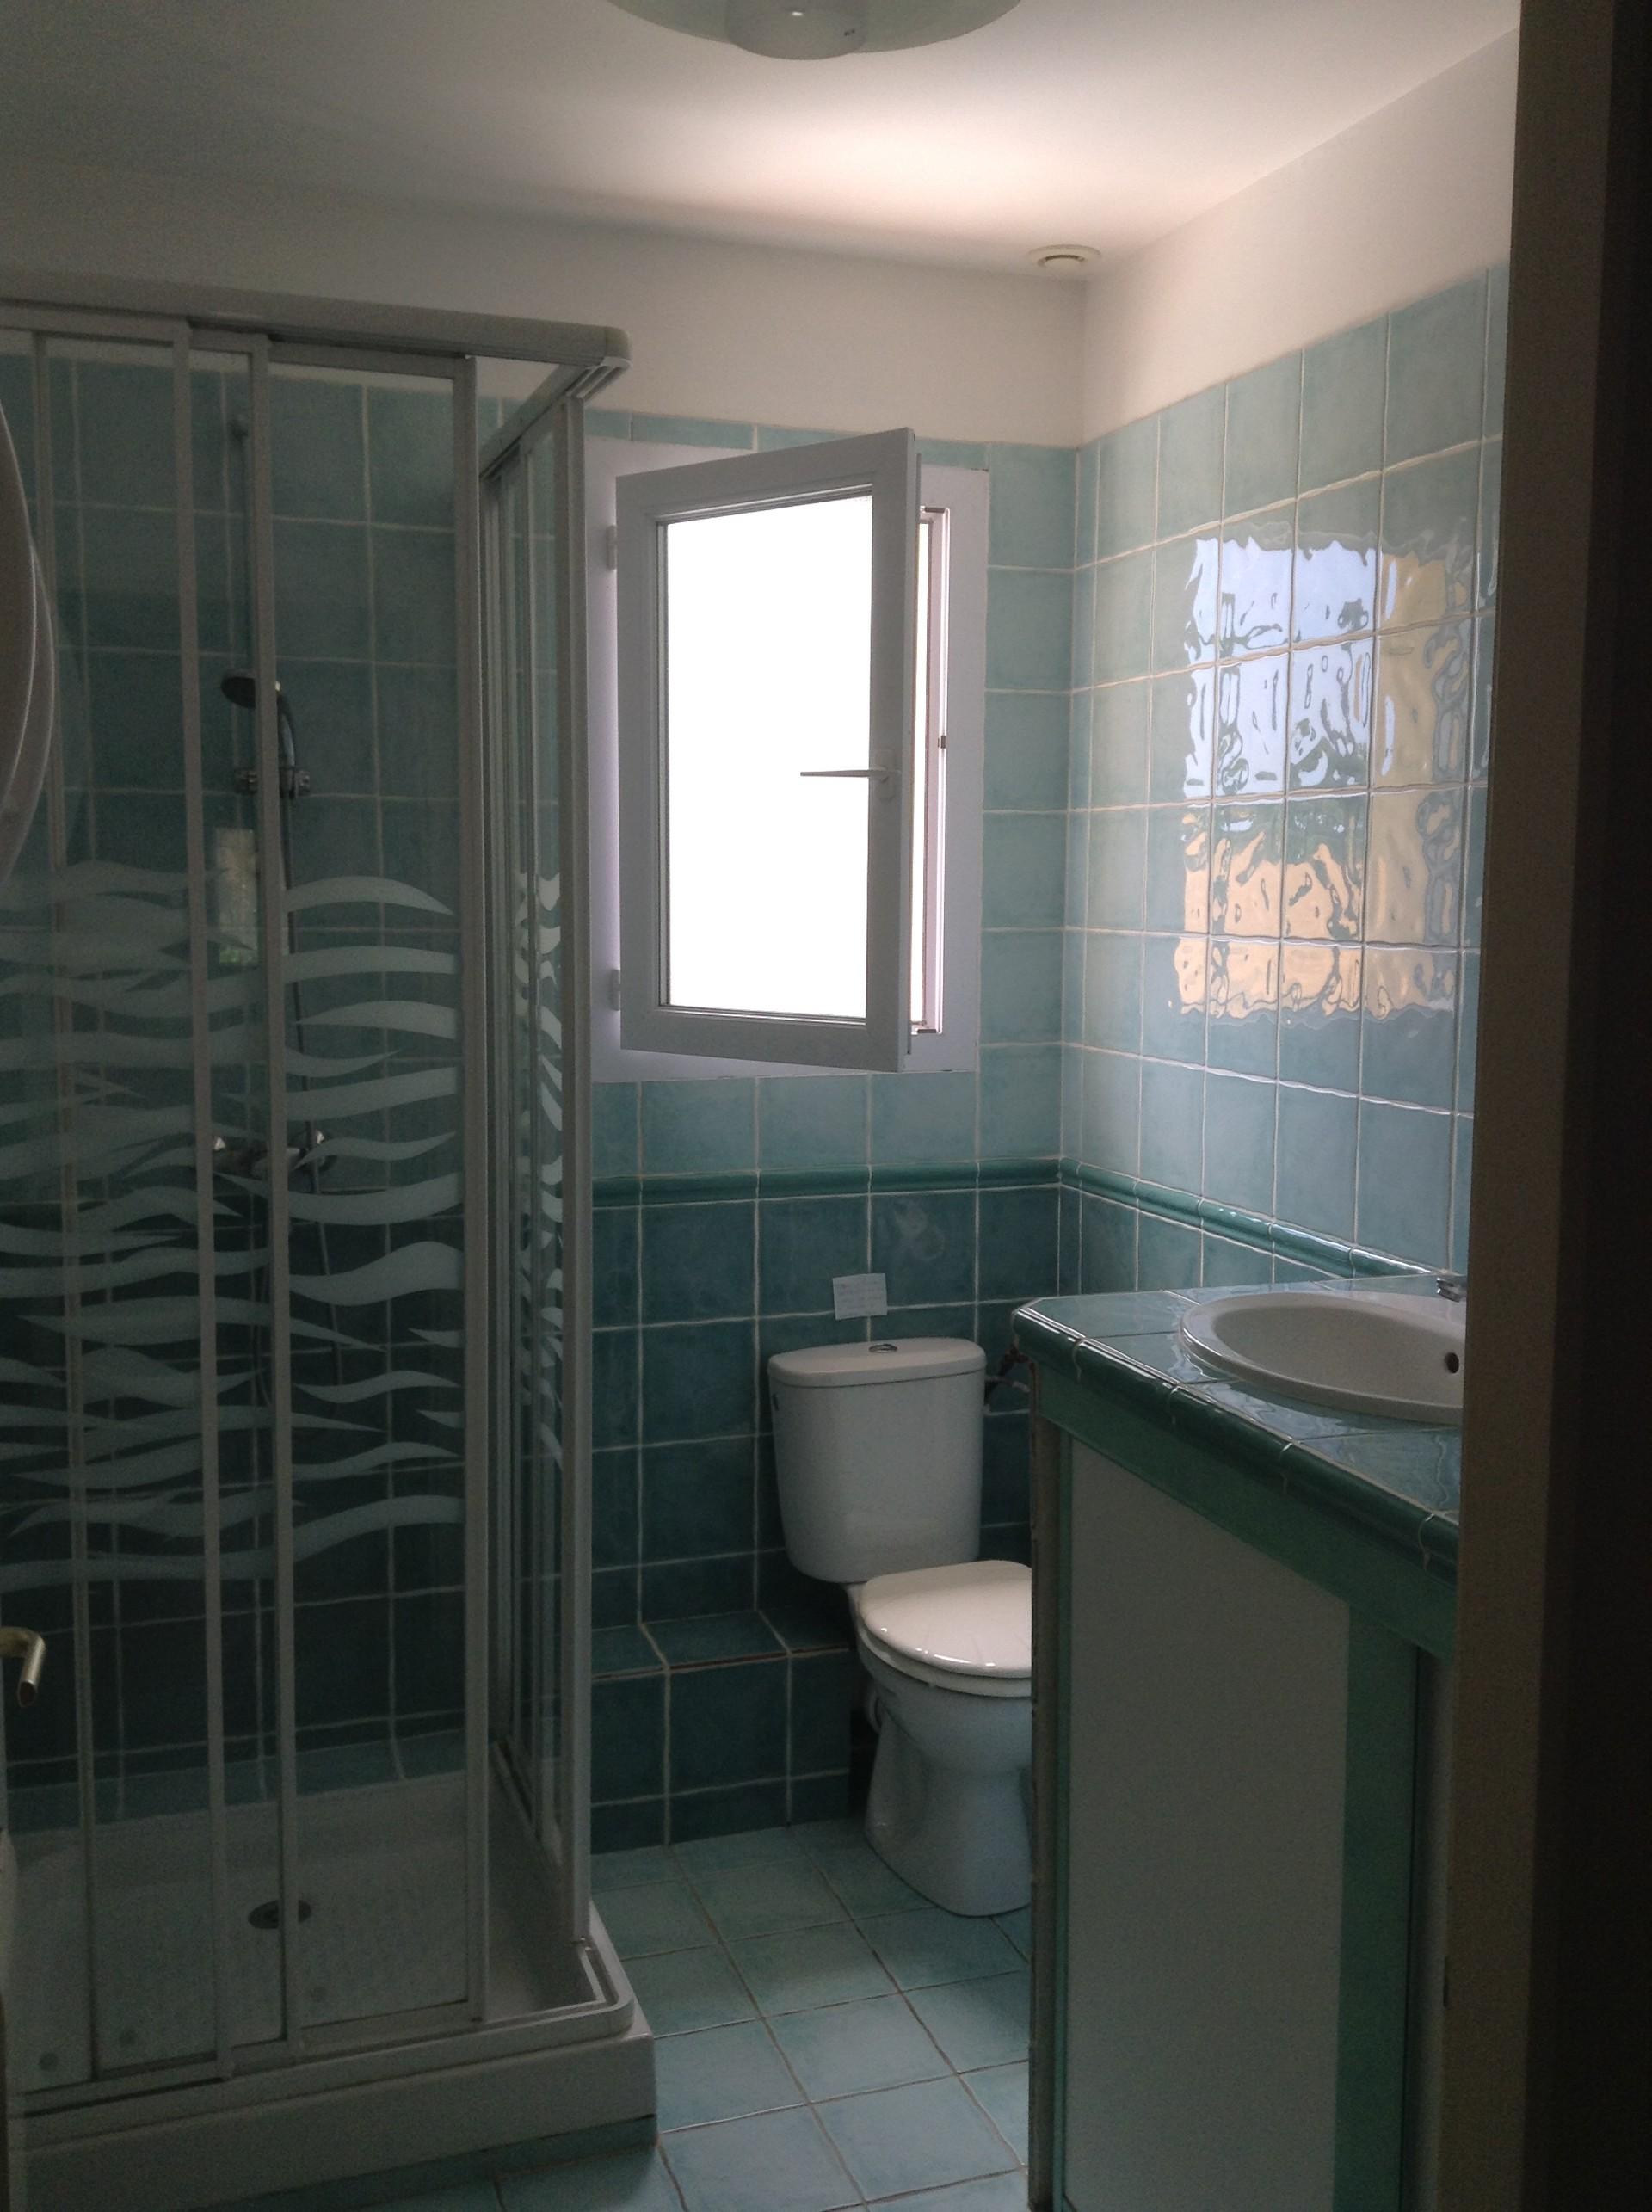 Chambres chez l 39 habitant location chambres aix en provence - Chambre etudiant aix en provence ...